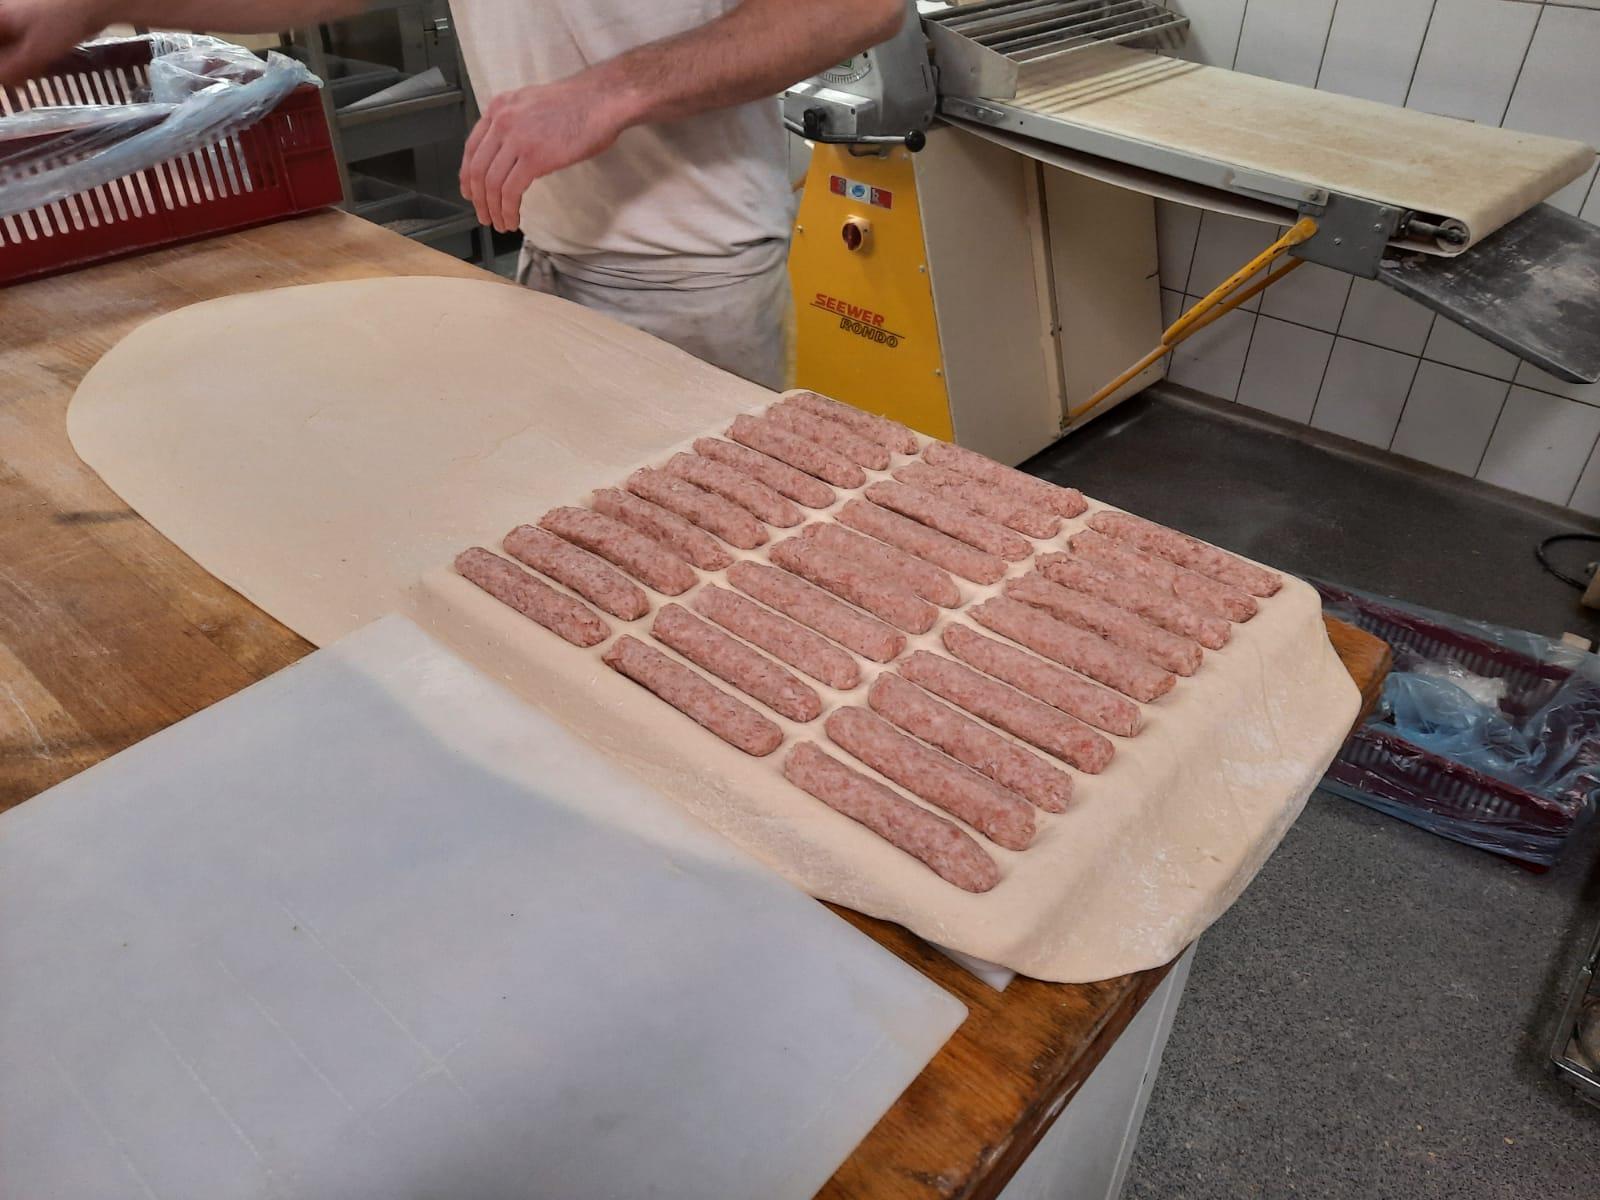 produktie worstenbrood